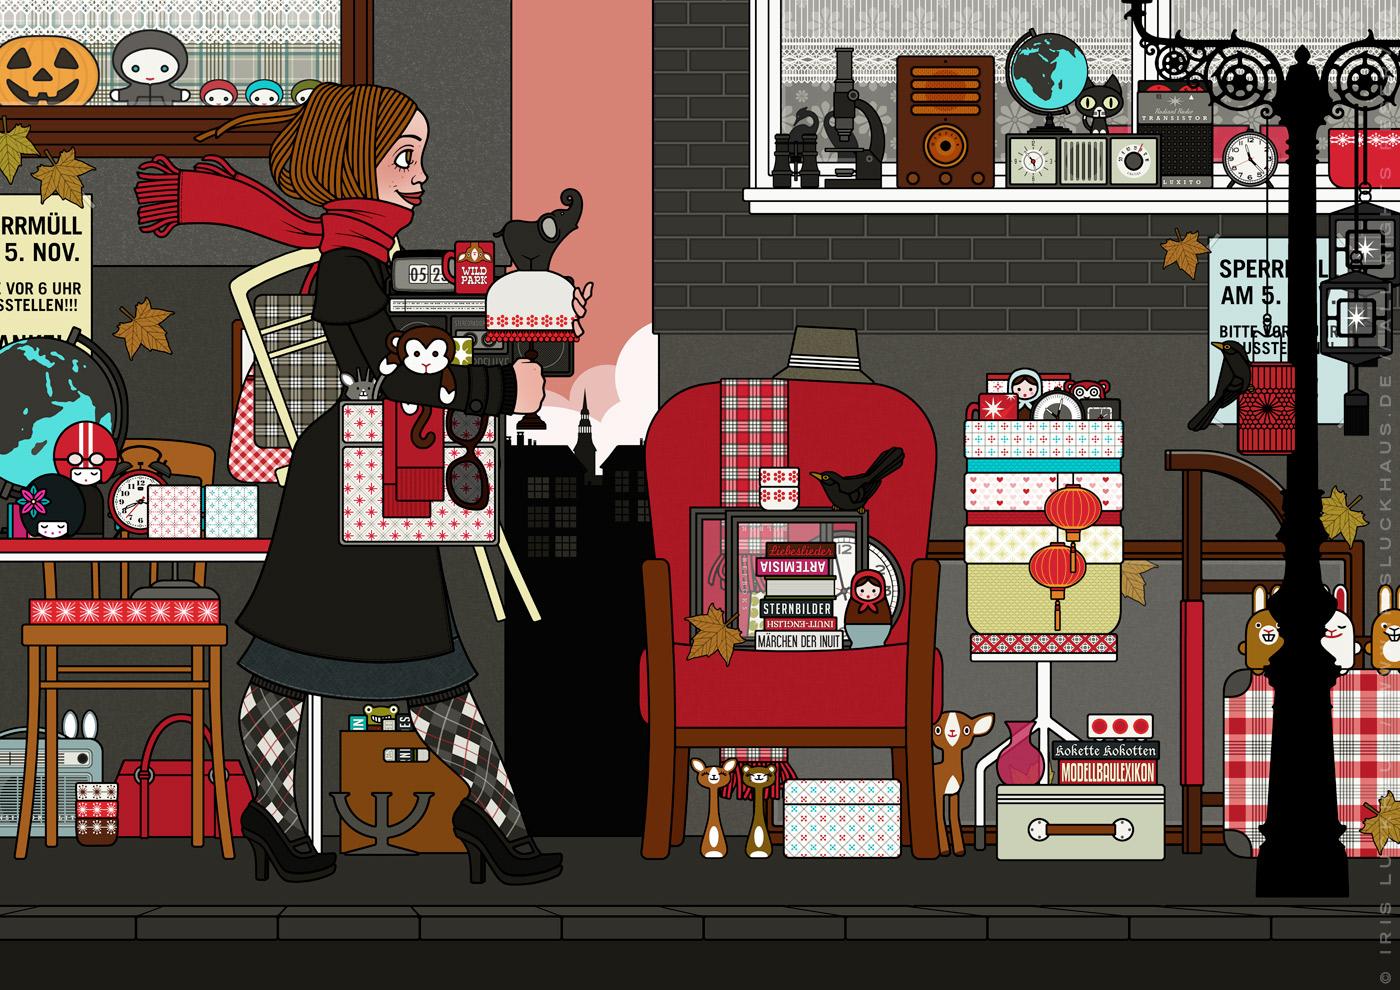 Zeichnung eines Mädchens, das auf dem Flohmarkt oder Sperrmüll Dinge, Taschen, Lampen, Tassen und Figuren findet und mitnimmt, für Lily Lux von Iris Luckhaus